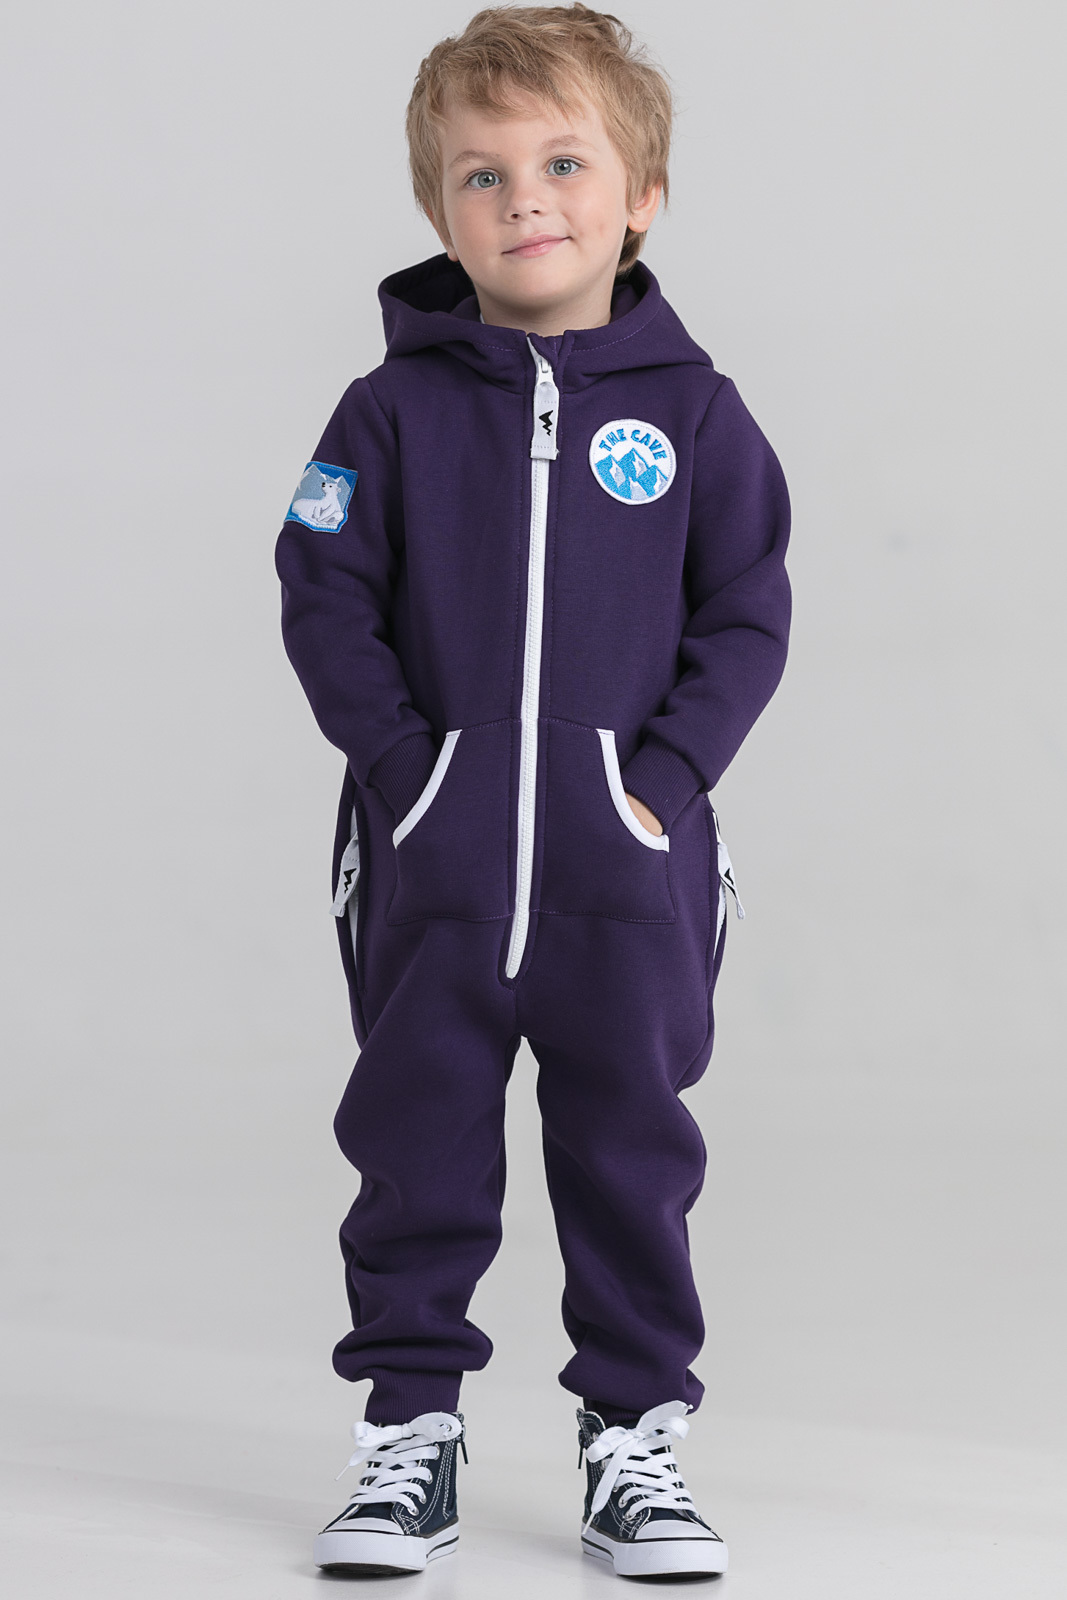 Детская домашняя одежда The Cave Детский комбинезон Darrel Цвет: Фиолетовый (2-3 года) флисовый комбинезон детский 2 года